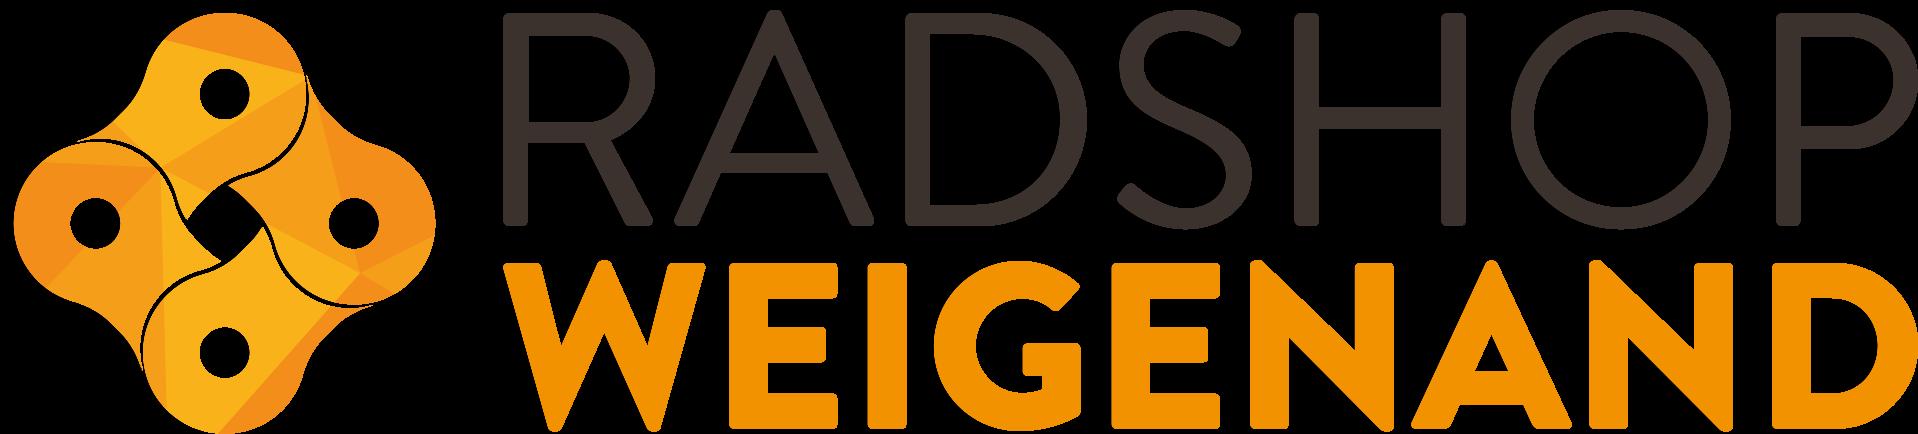 Radshop Weigenand